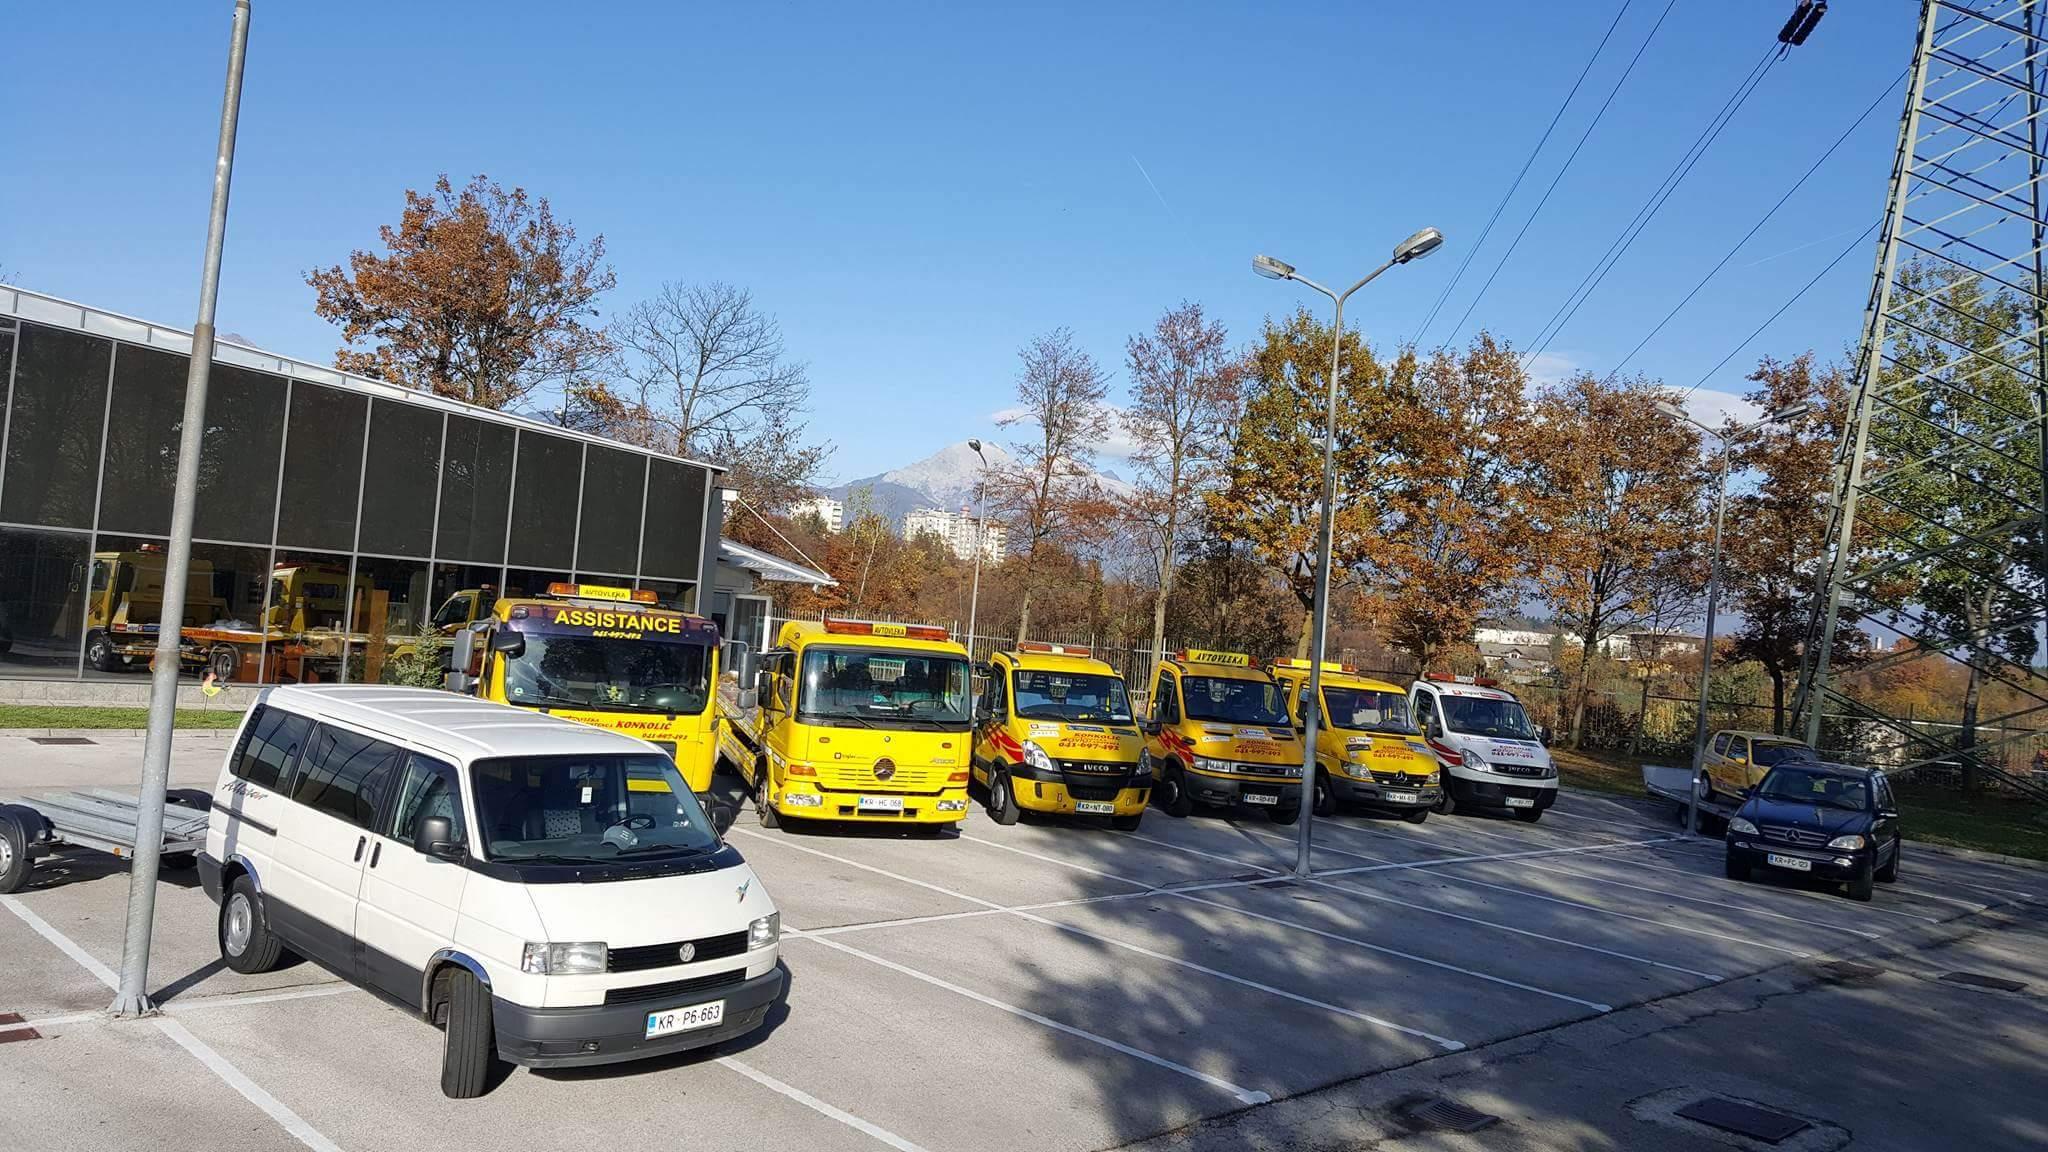 Avtovleka Kranj - Avtoasistenca Konkolič Kranj, Towing Service Kranj, Abschleppdienst Kranj received_10206014331592487